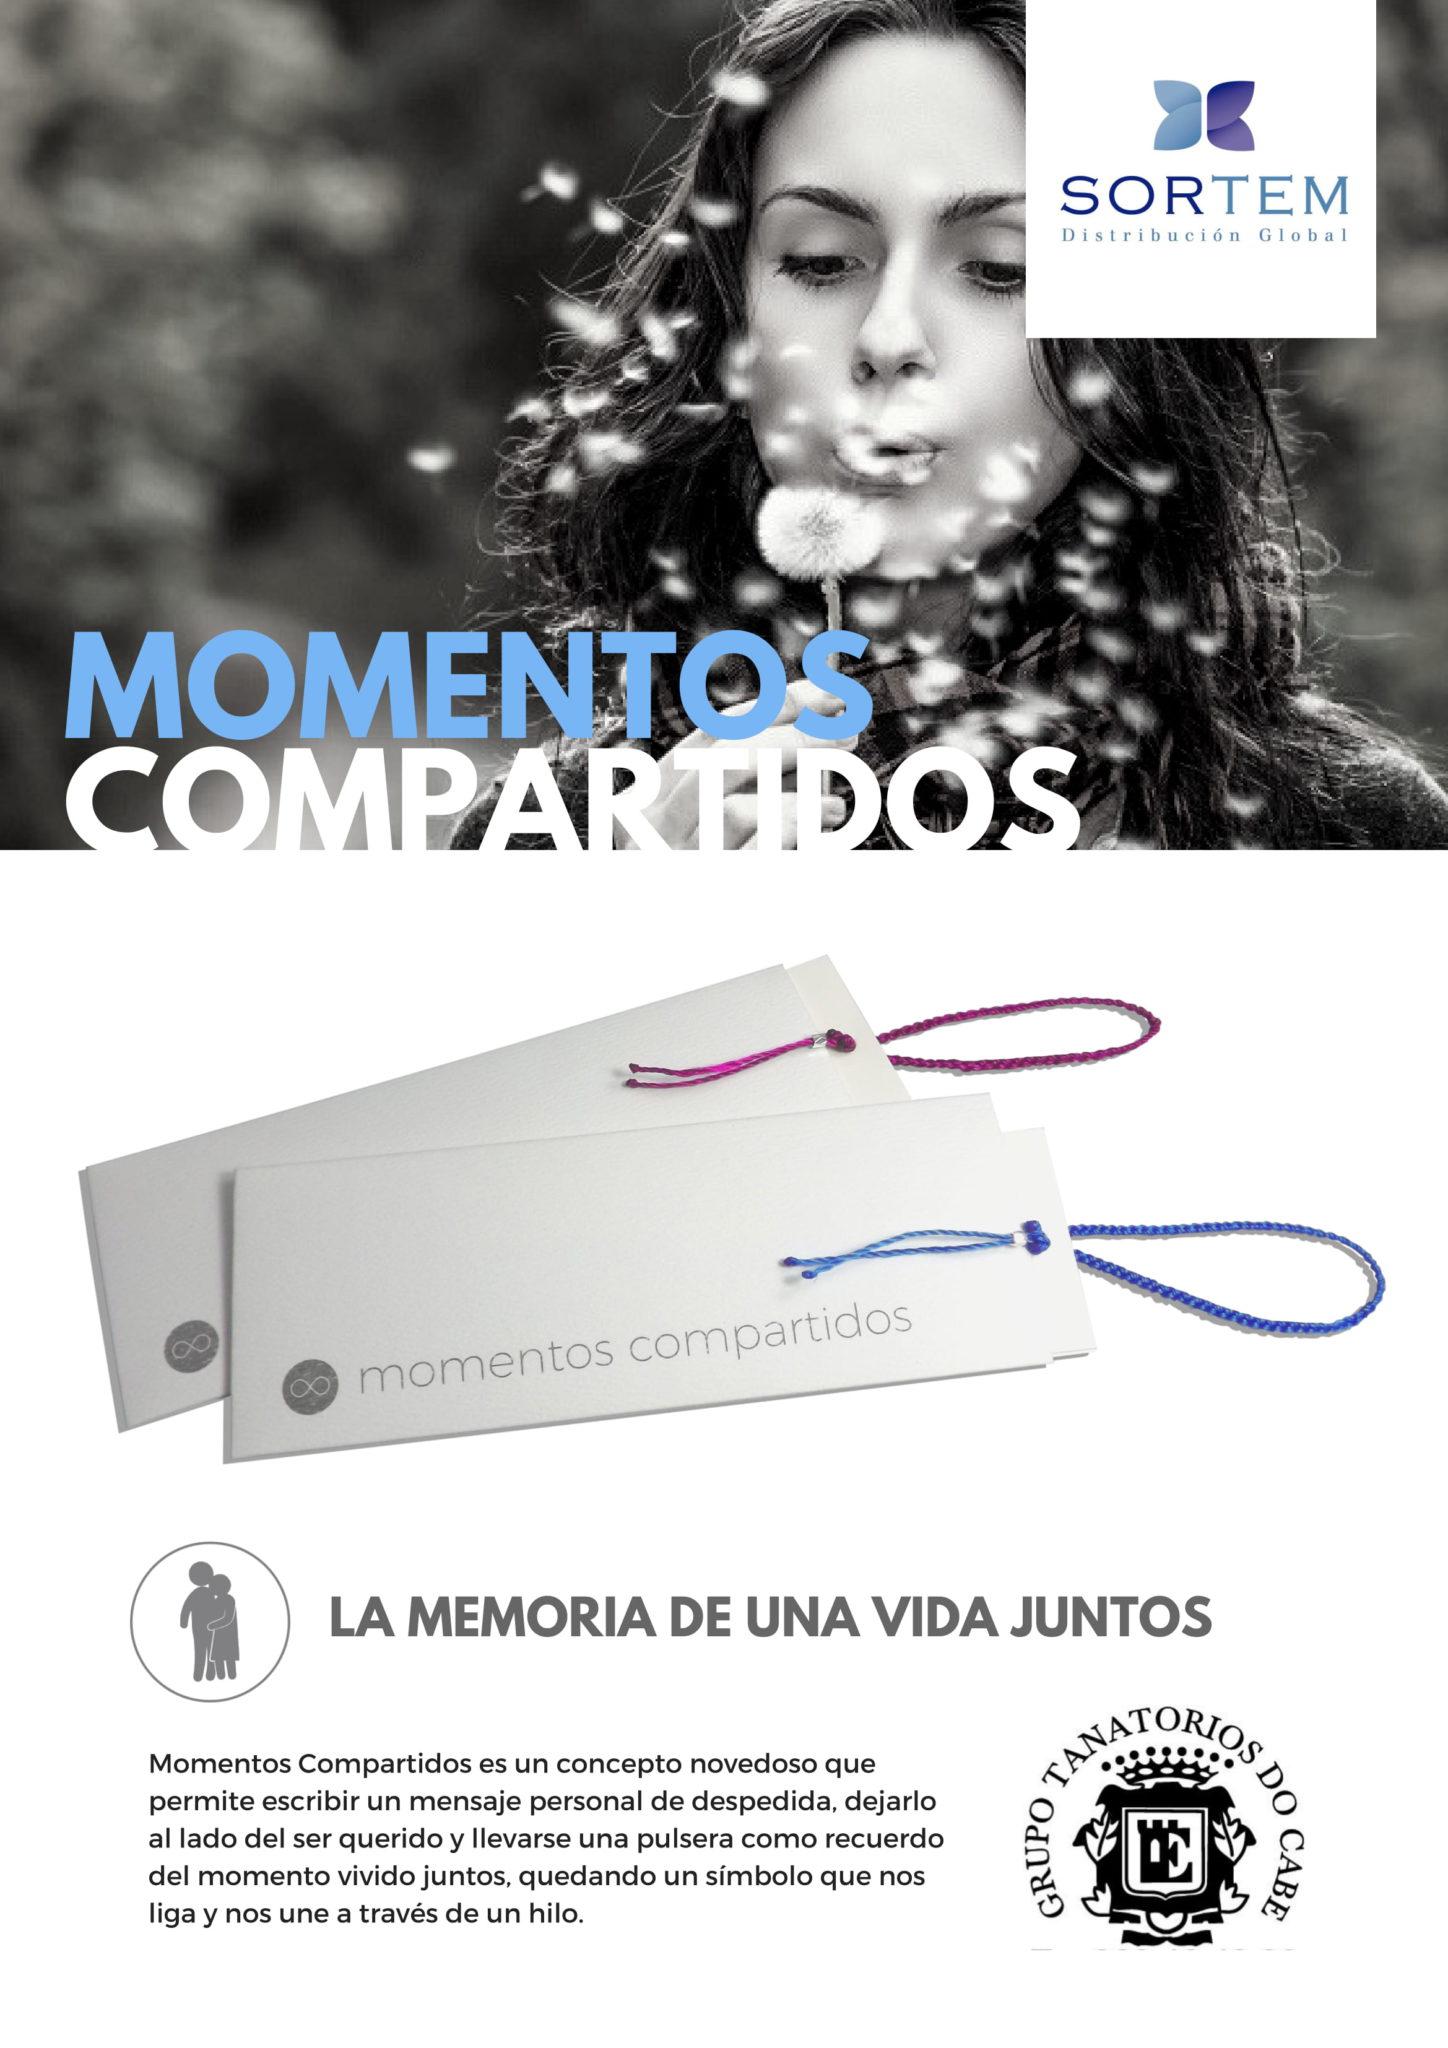 Momentos_Monforte-imagen jpg